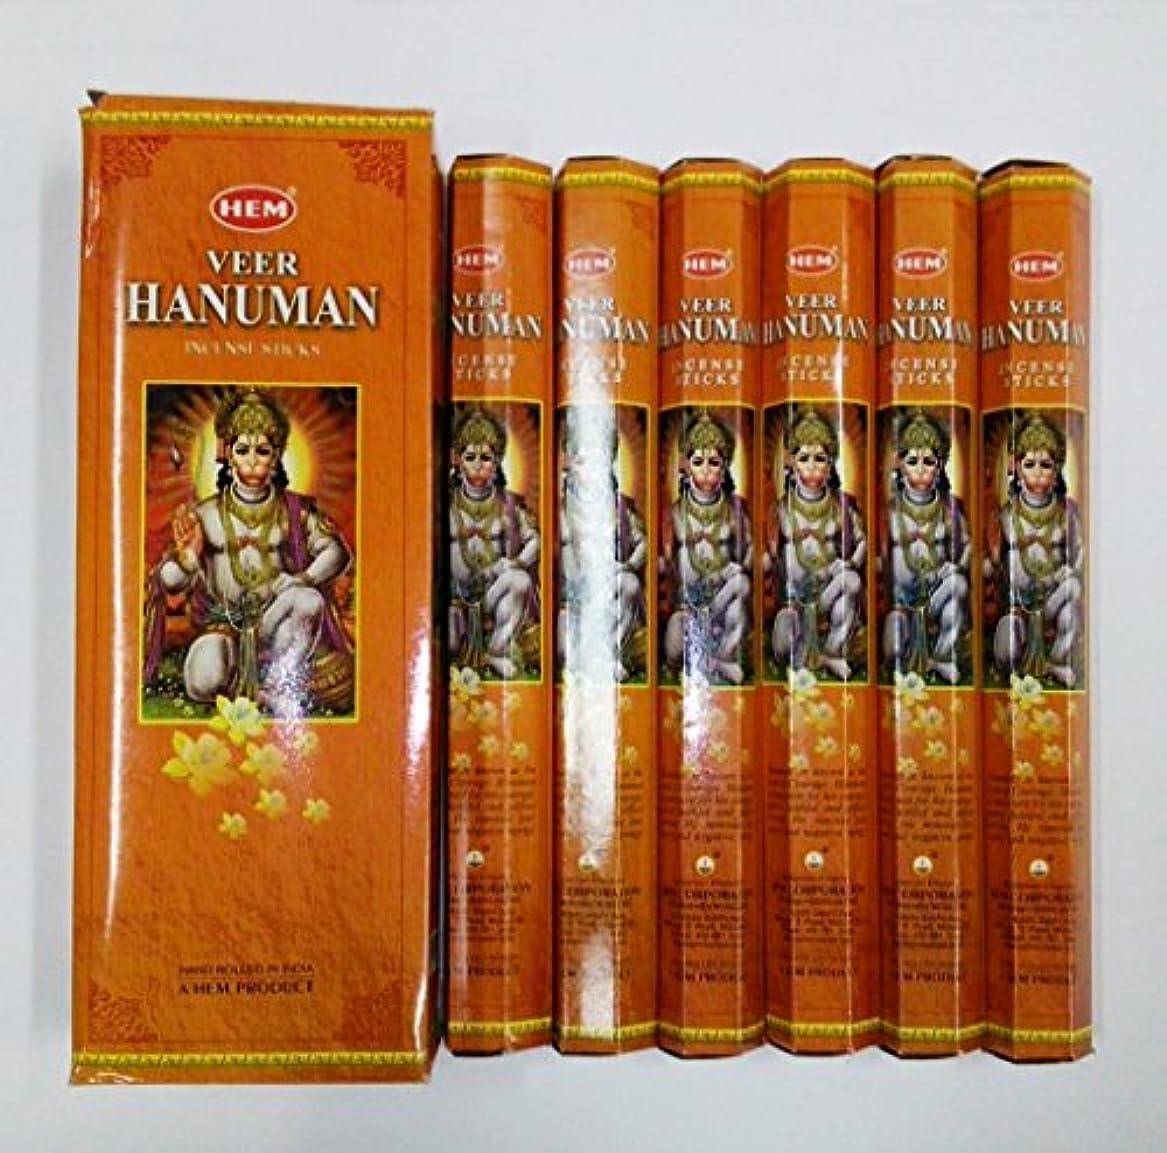 熟考する移植通行料金HEM (ヘム) インセンス スティック へキサパック ハヌマーン ハヌマン香 6角(20本入)×6箱 [並行輸入品] Hanuman